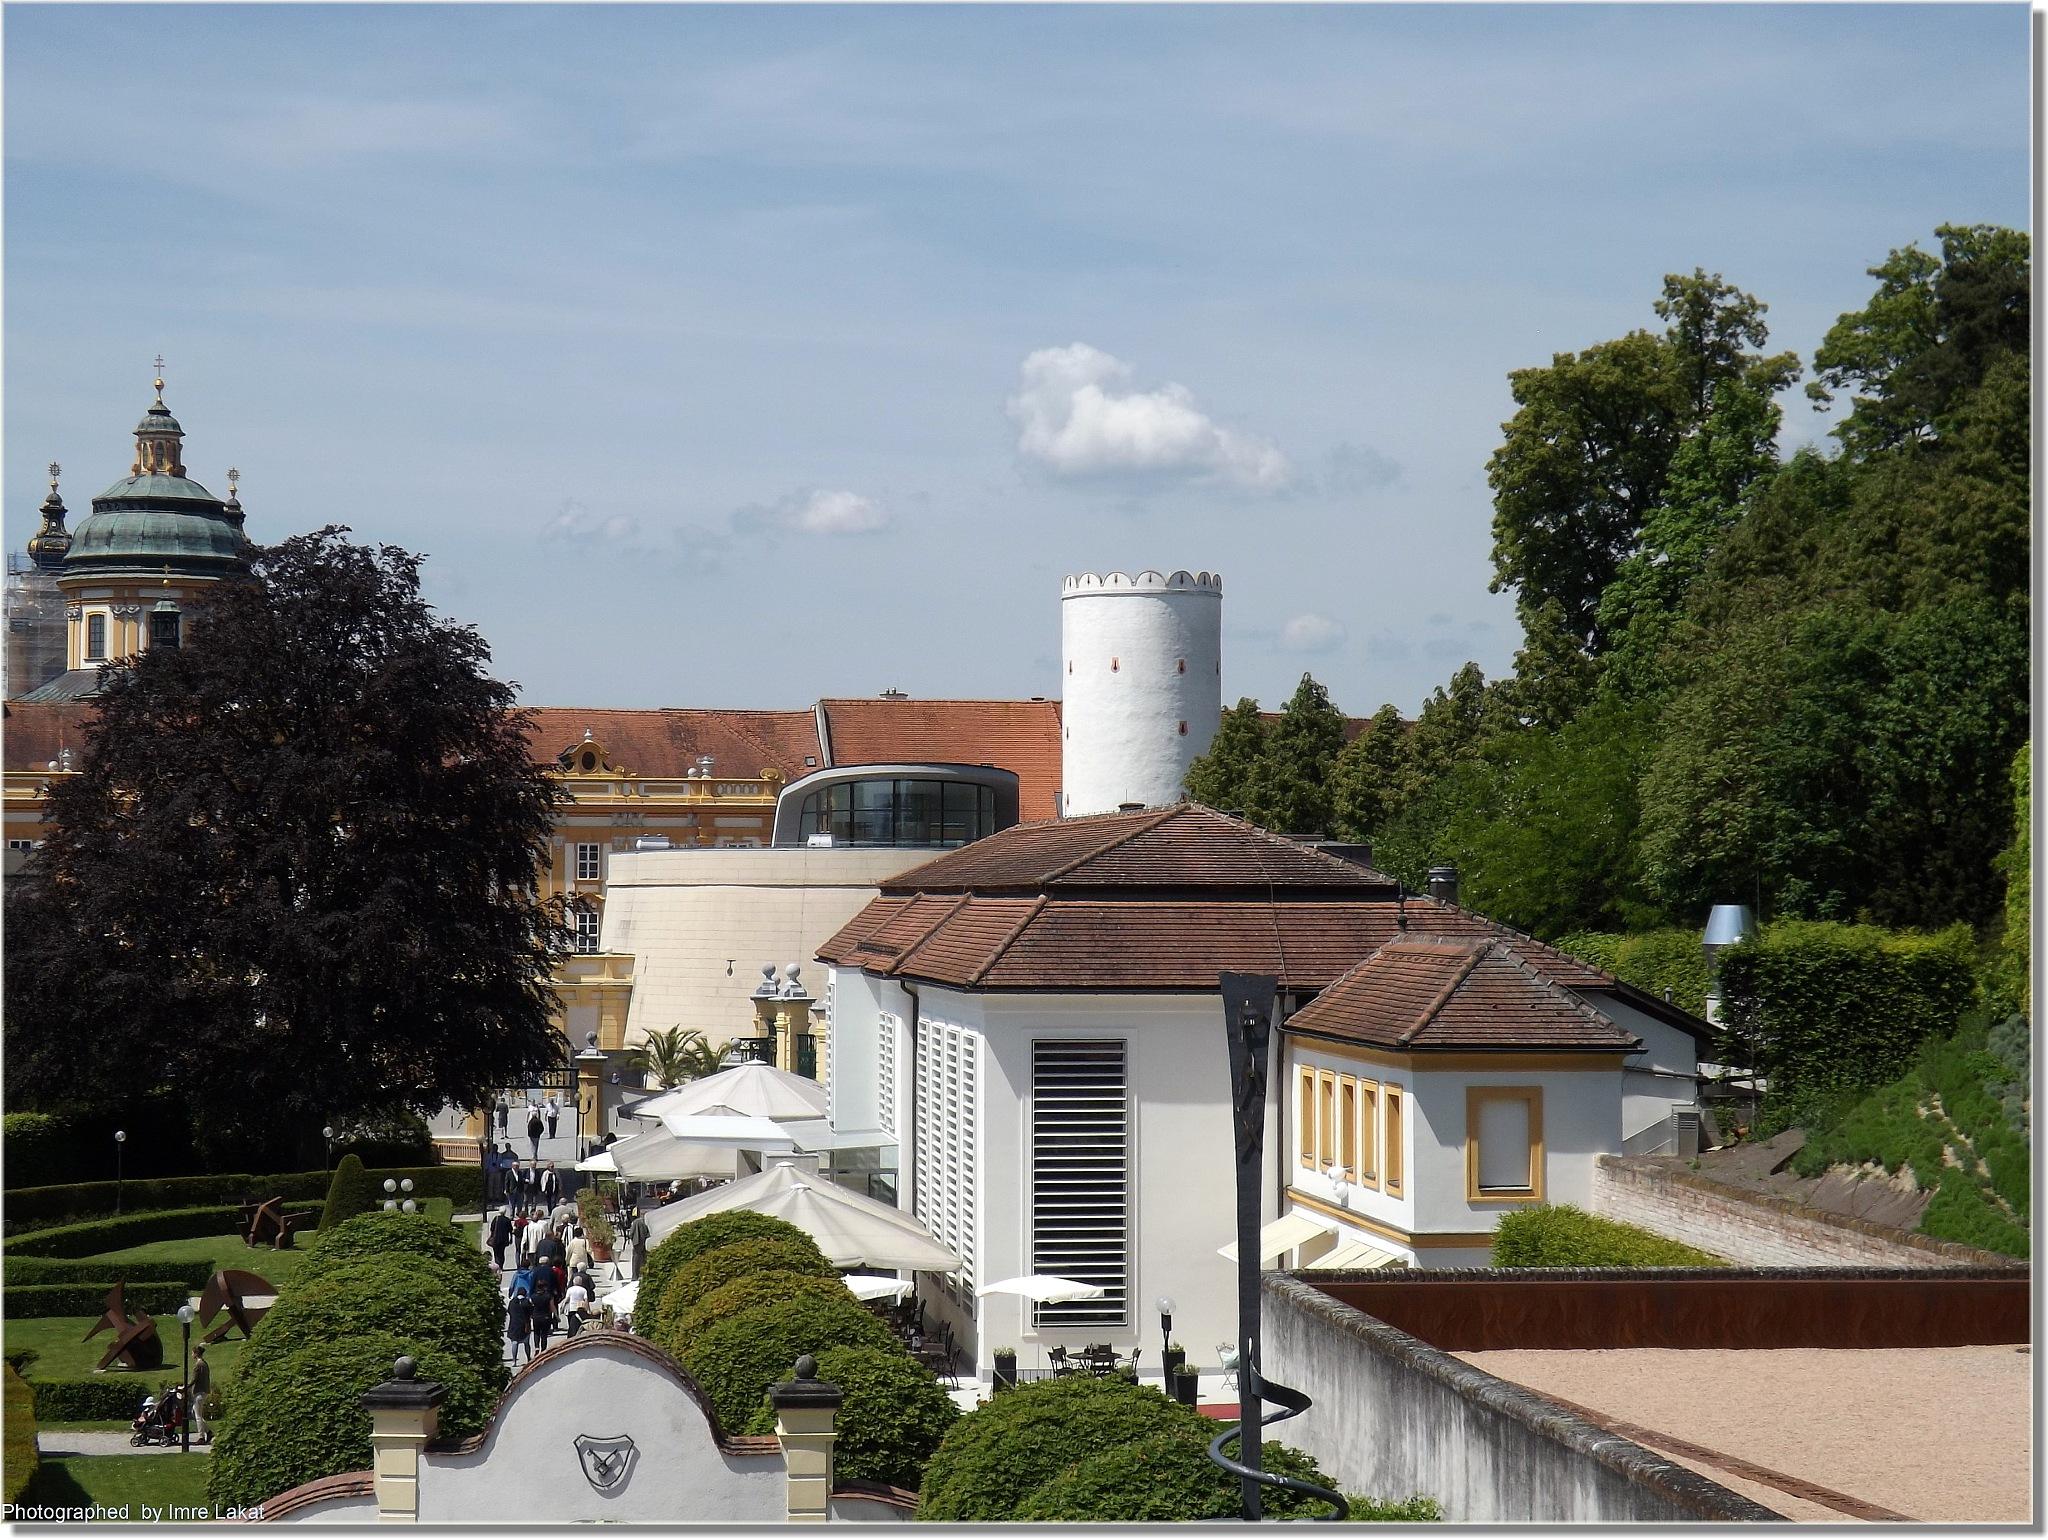 Melk Abbey, Abt-Berthold-Dietmayr-Straße, Melk, Austria by Imre Lakat